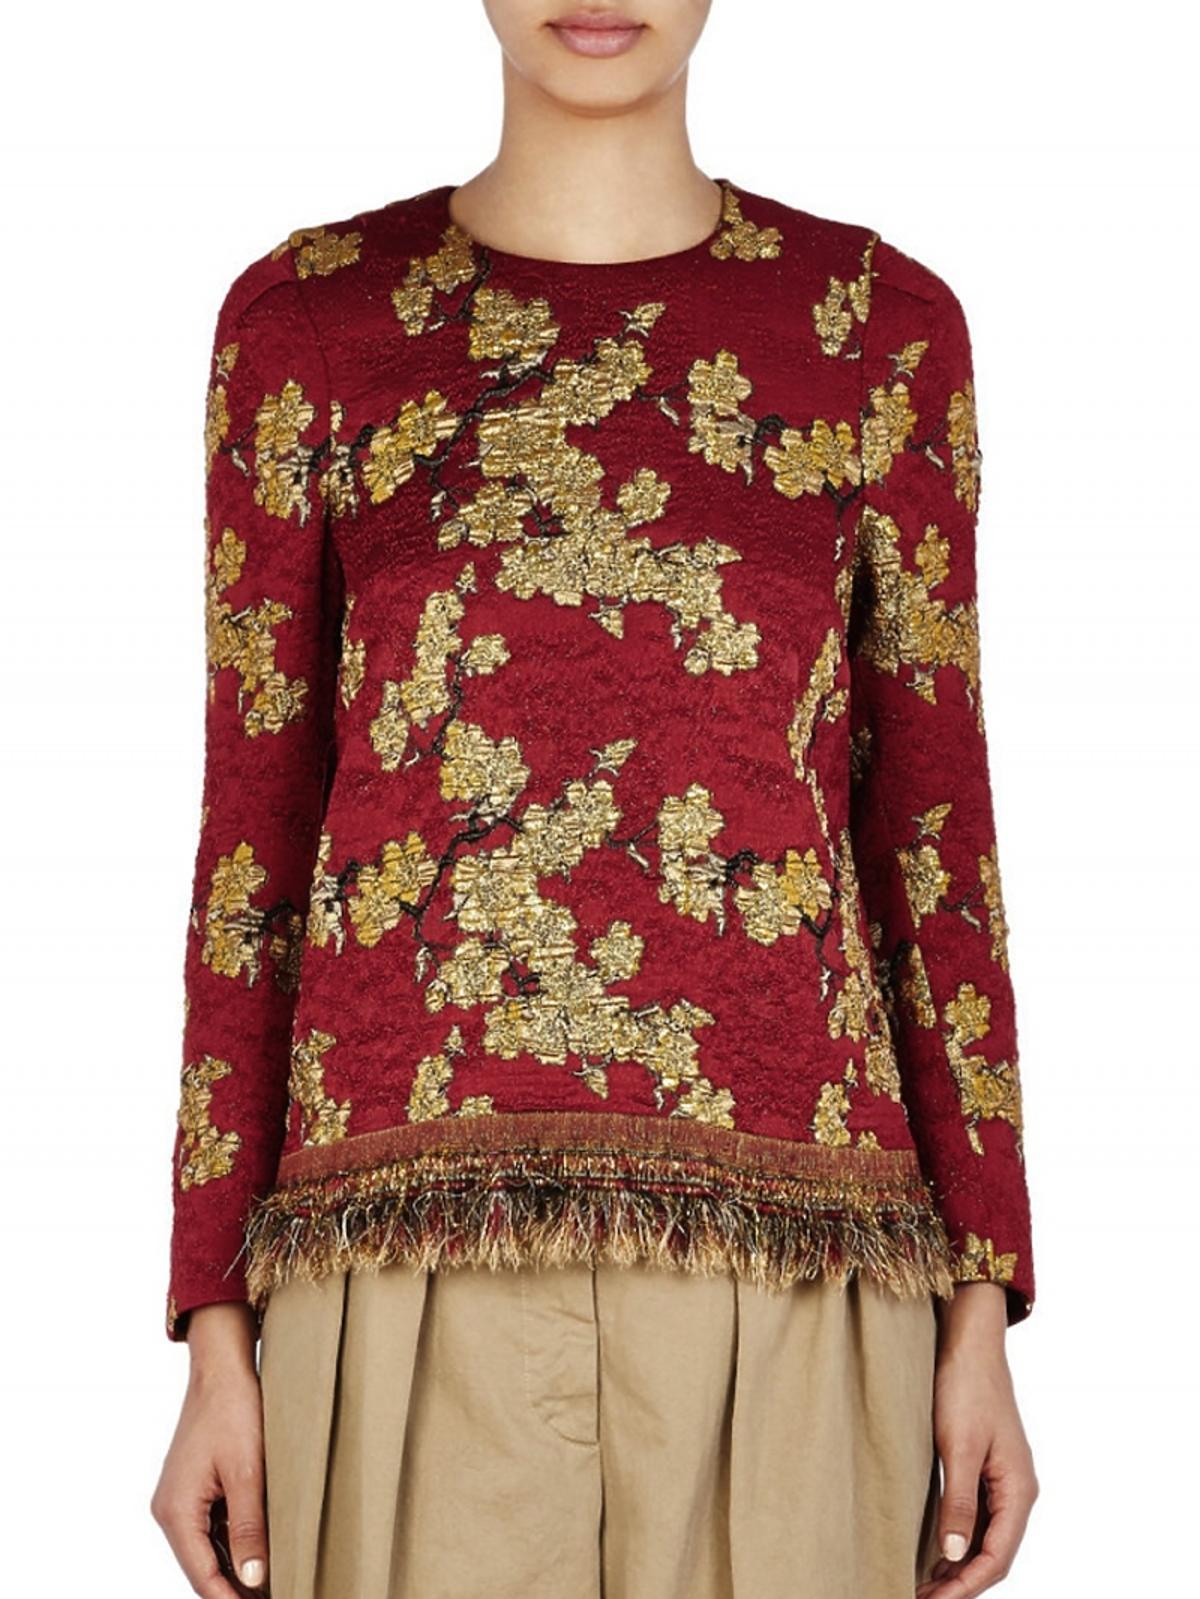 bluzka bordowa ze złotymi printami z frędzlami